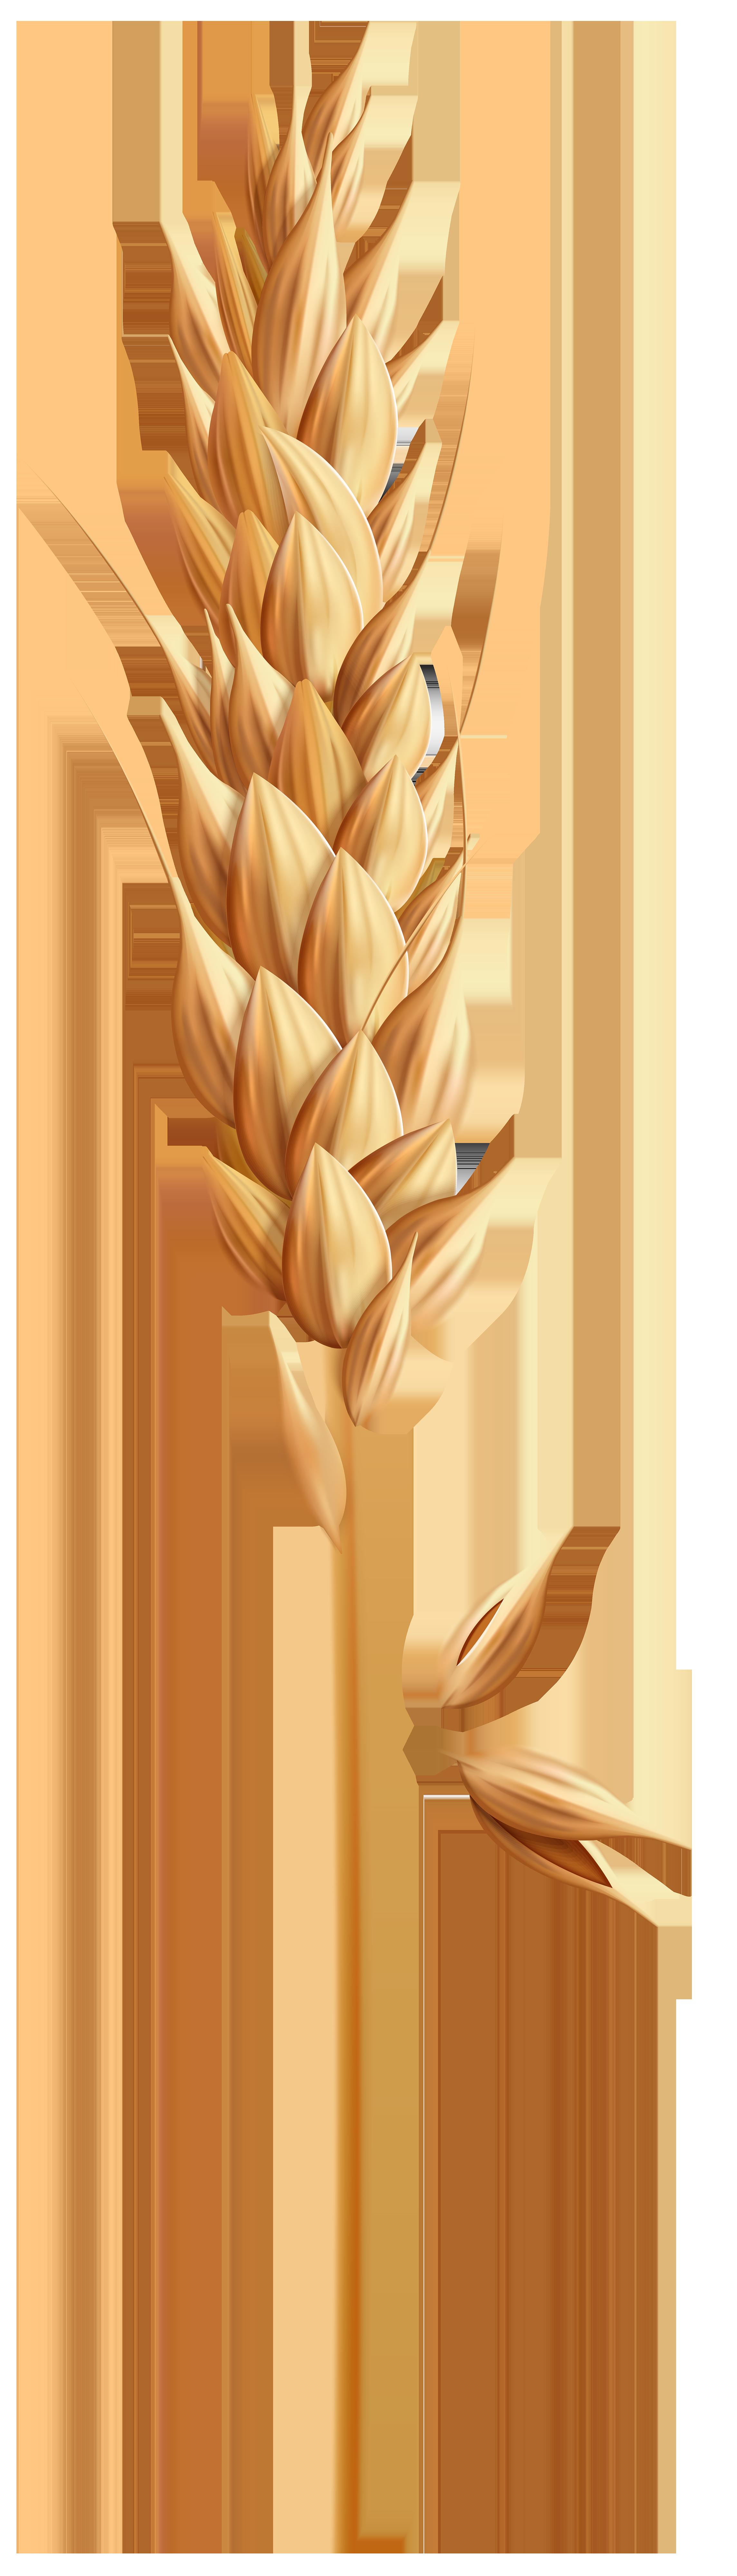 Wheat clipart grain. Png clip art image